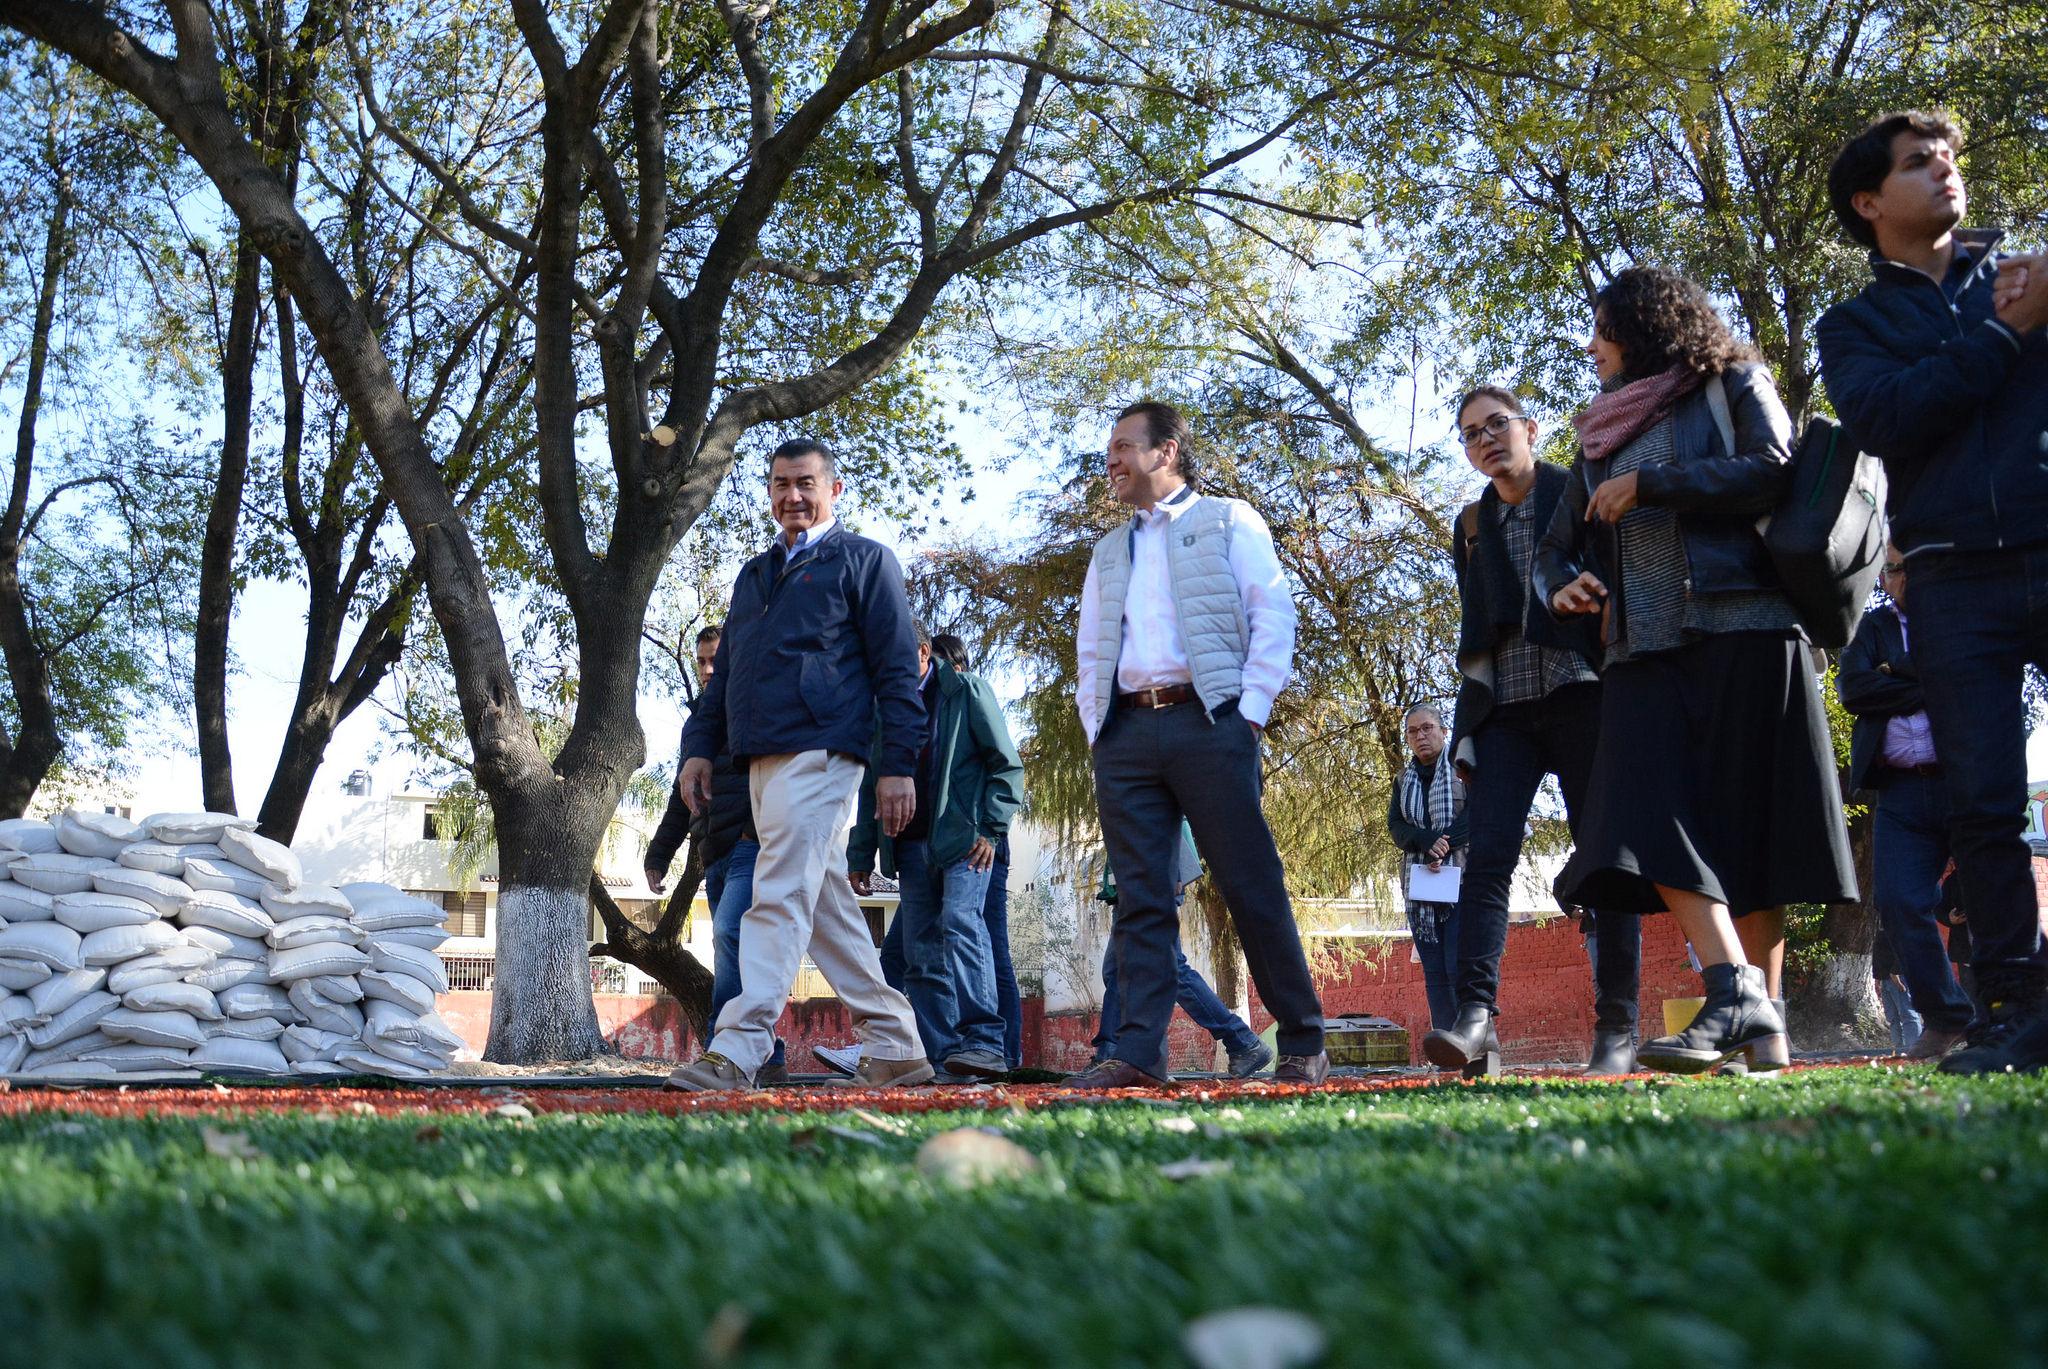 Avanza Zapopan en la rehabilitación y construcción de centro comunitario en la Unidad Deportiva El Polvorín